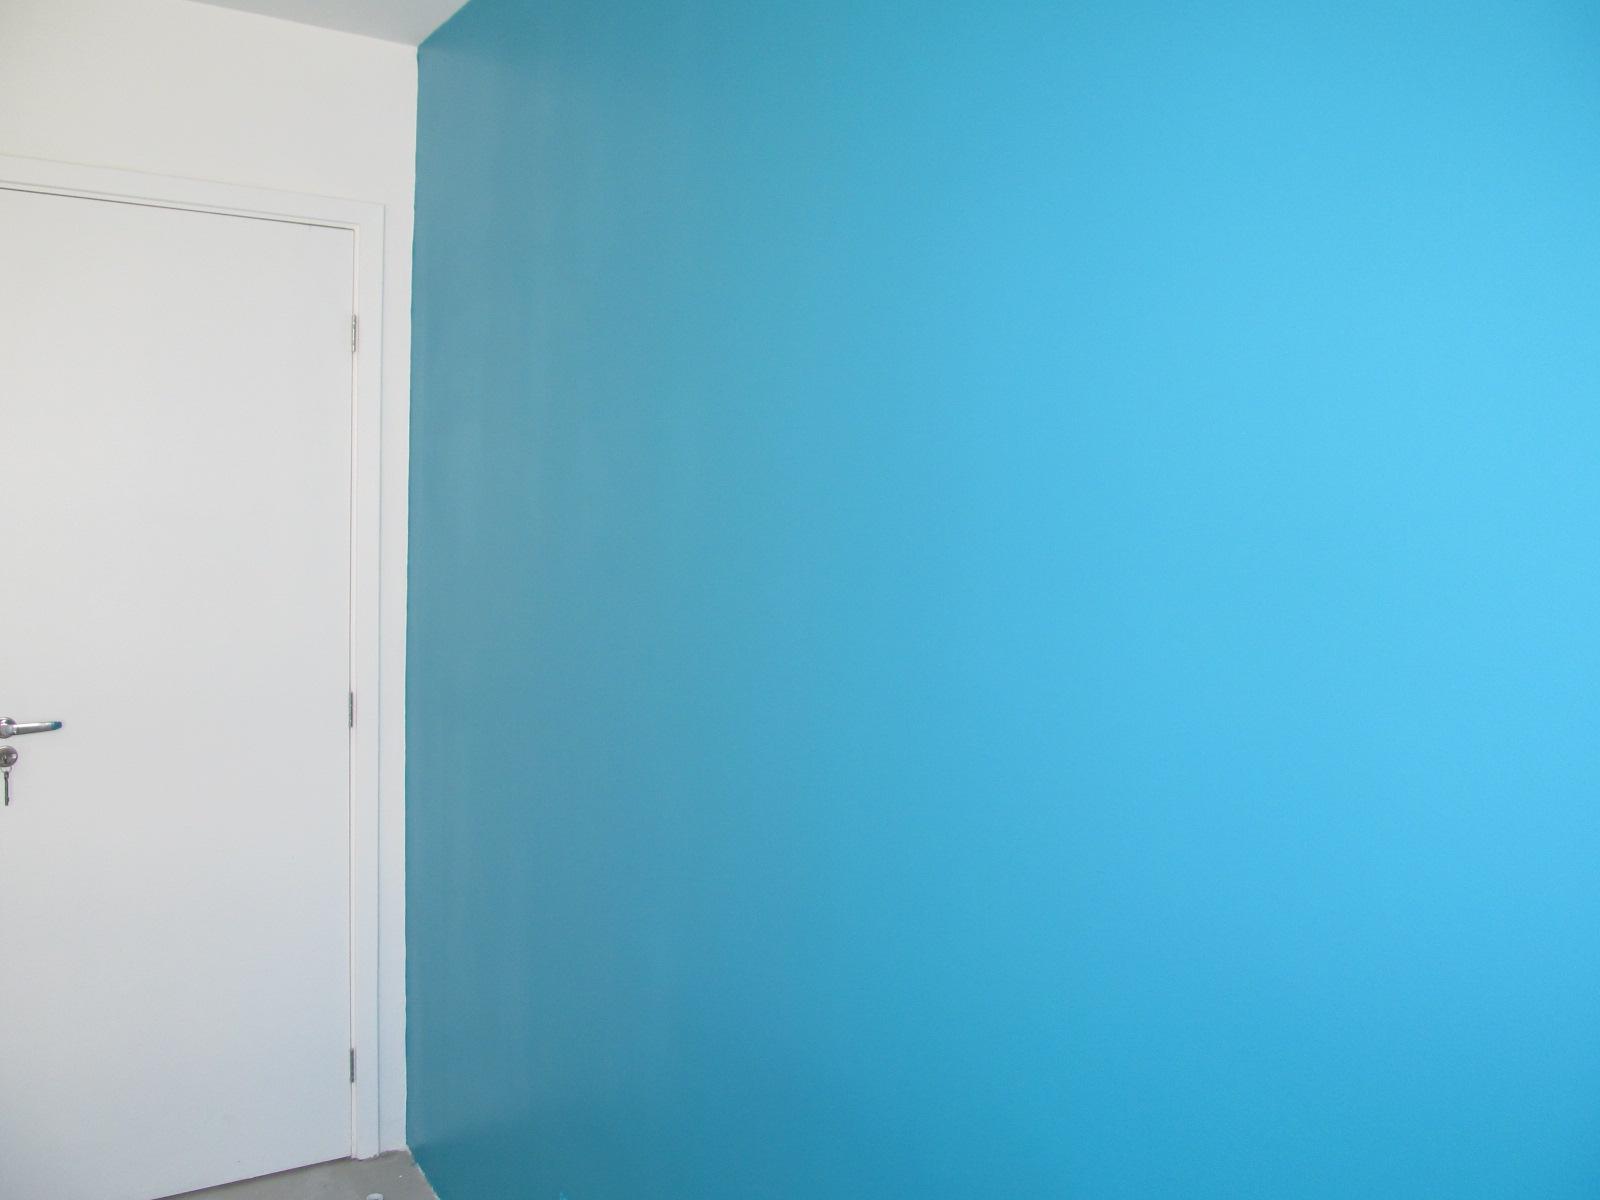 Coral Azul Praia ~ Quarto Pintado Coral Pluma de Pav u00e3o a saga do apartamento